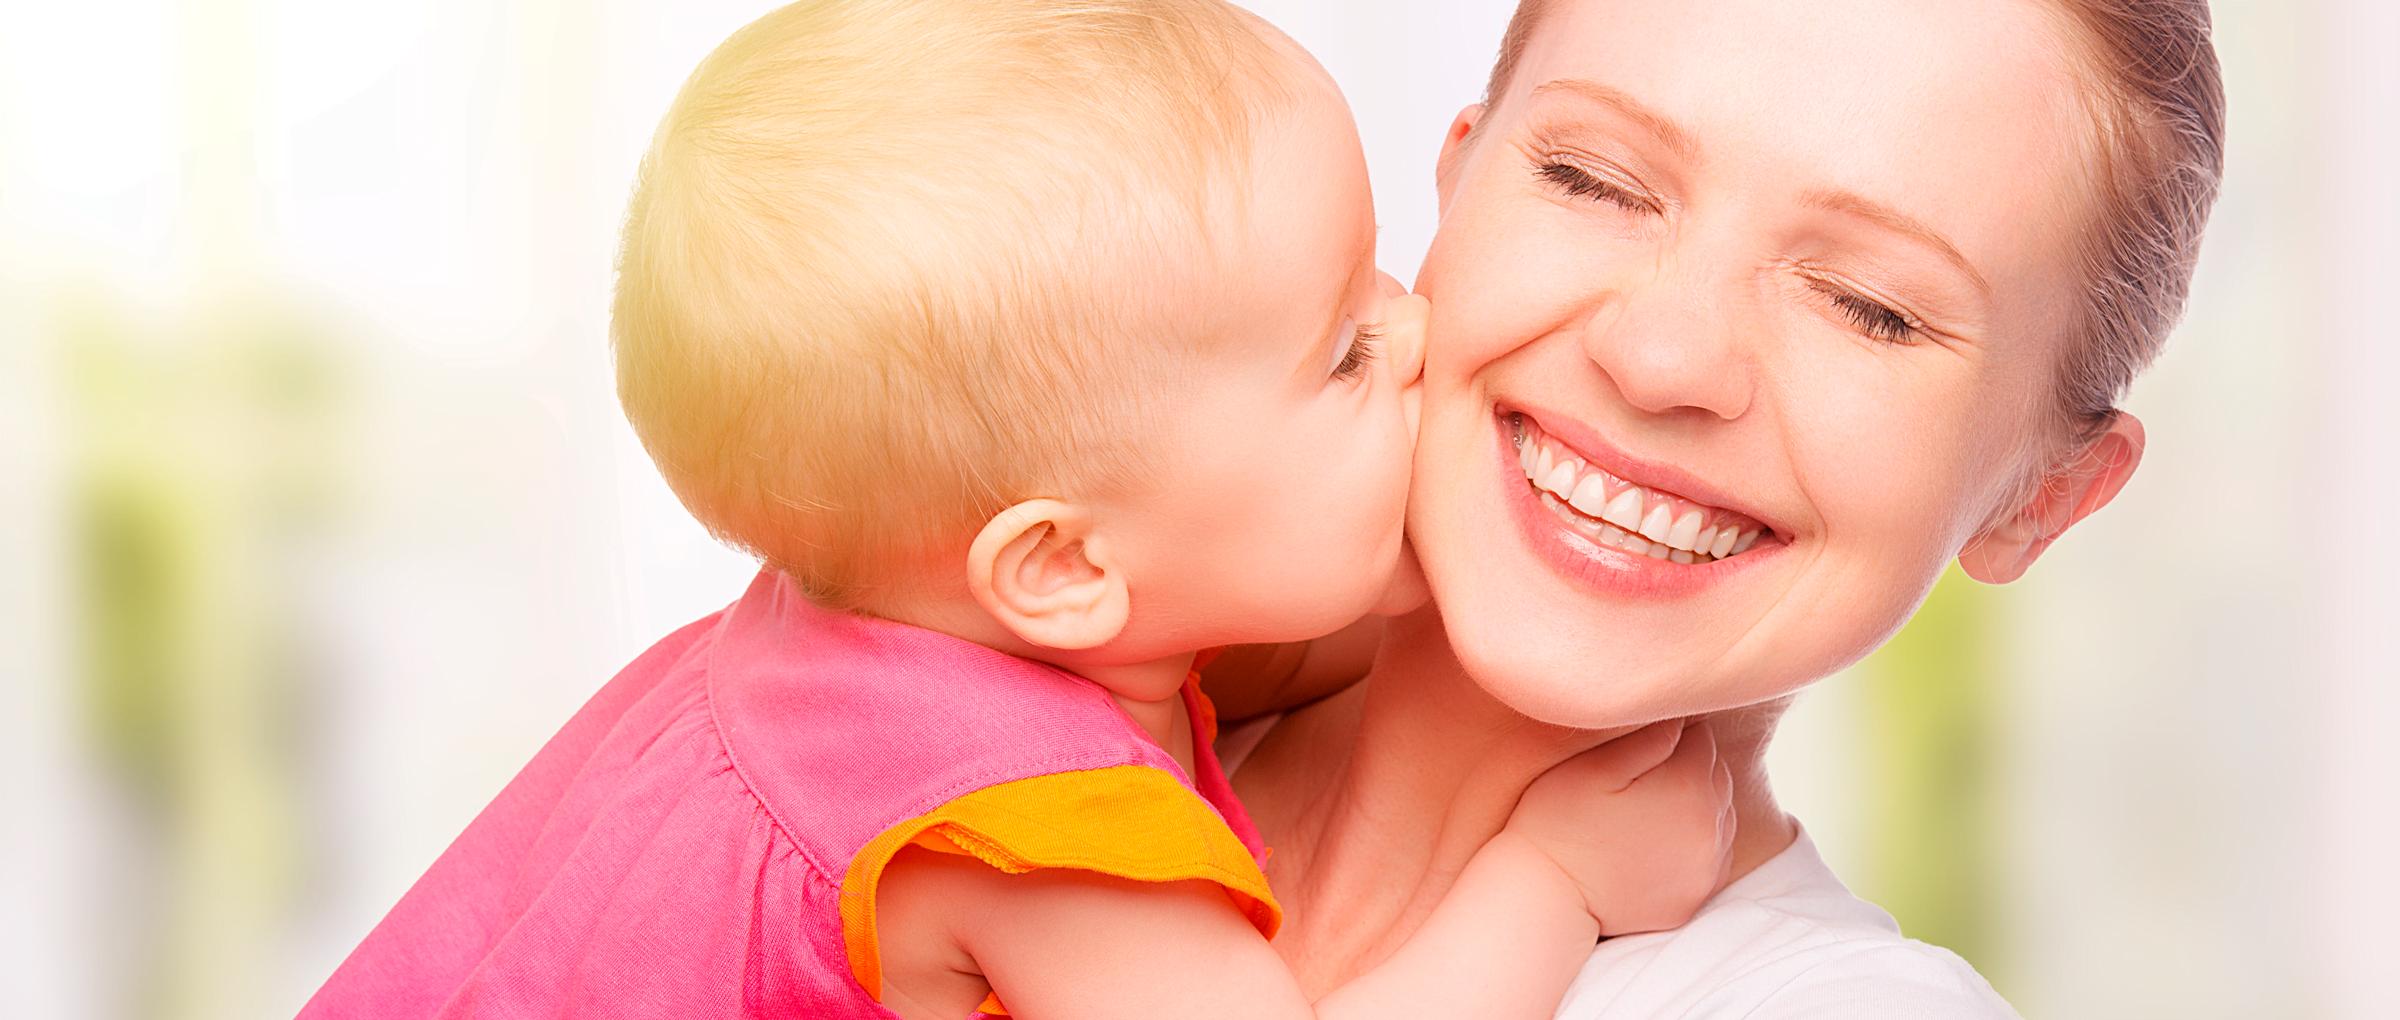 Dejar de fumar en el embarazo aporta múltiples beneficios para el bebé